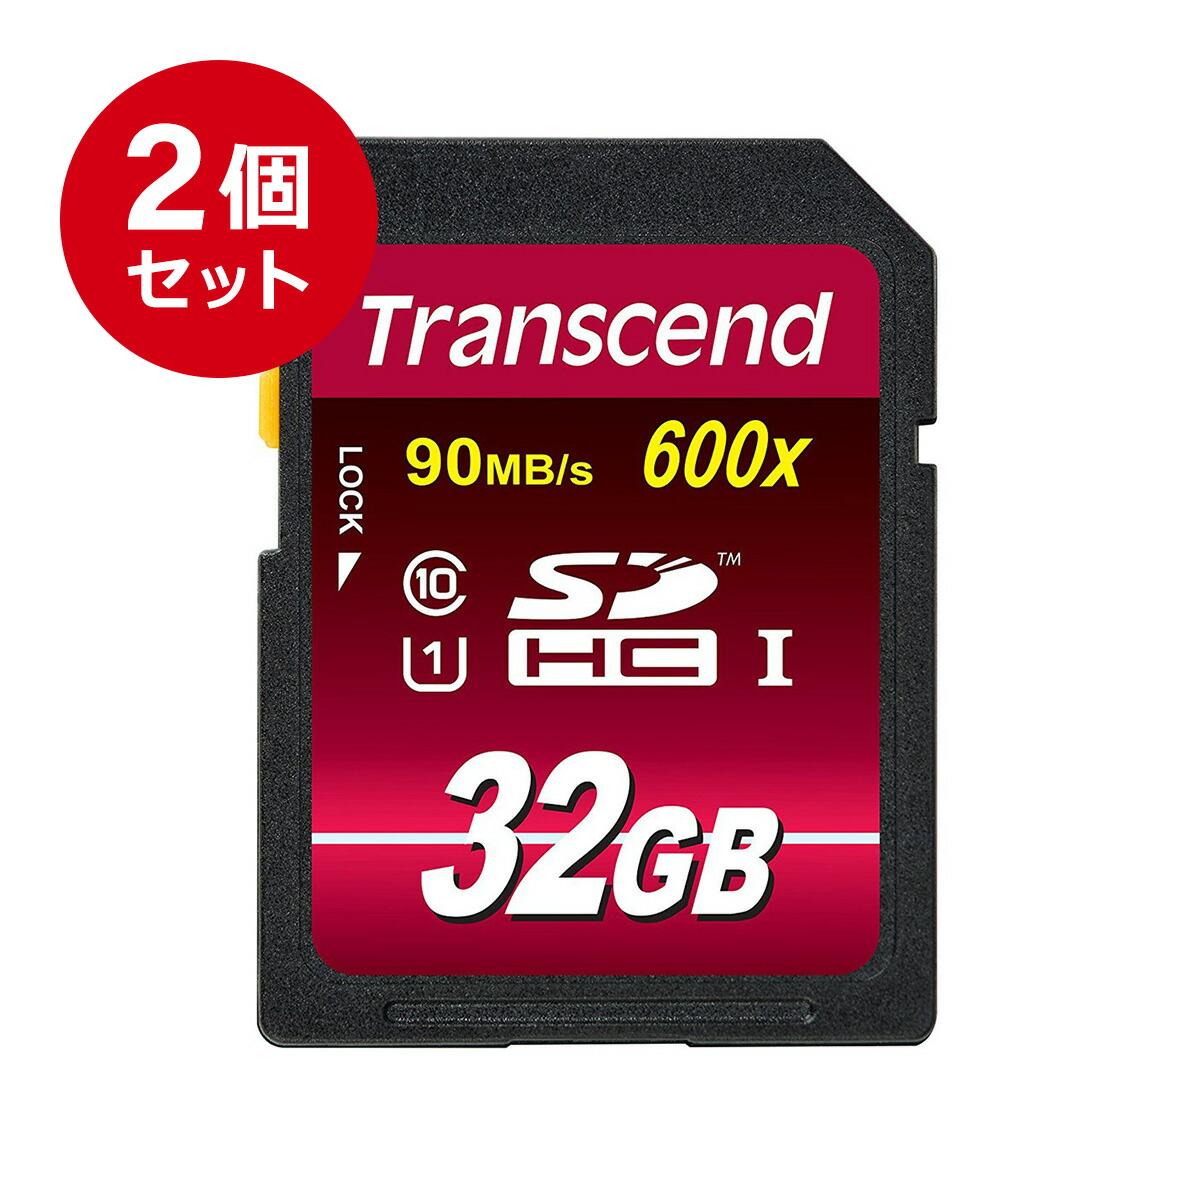 TS32GSDHC10U1 ネコポス専用 送料無料 まとめ割 2個セット Transcend SDカード 32GB Class10 UHS-I 卒業 メモリーカード ふるさと割 5年保証 s 32 最大90MB 全品送料無料 Ultimate 入学 クラス10 2枚